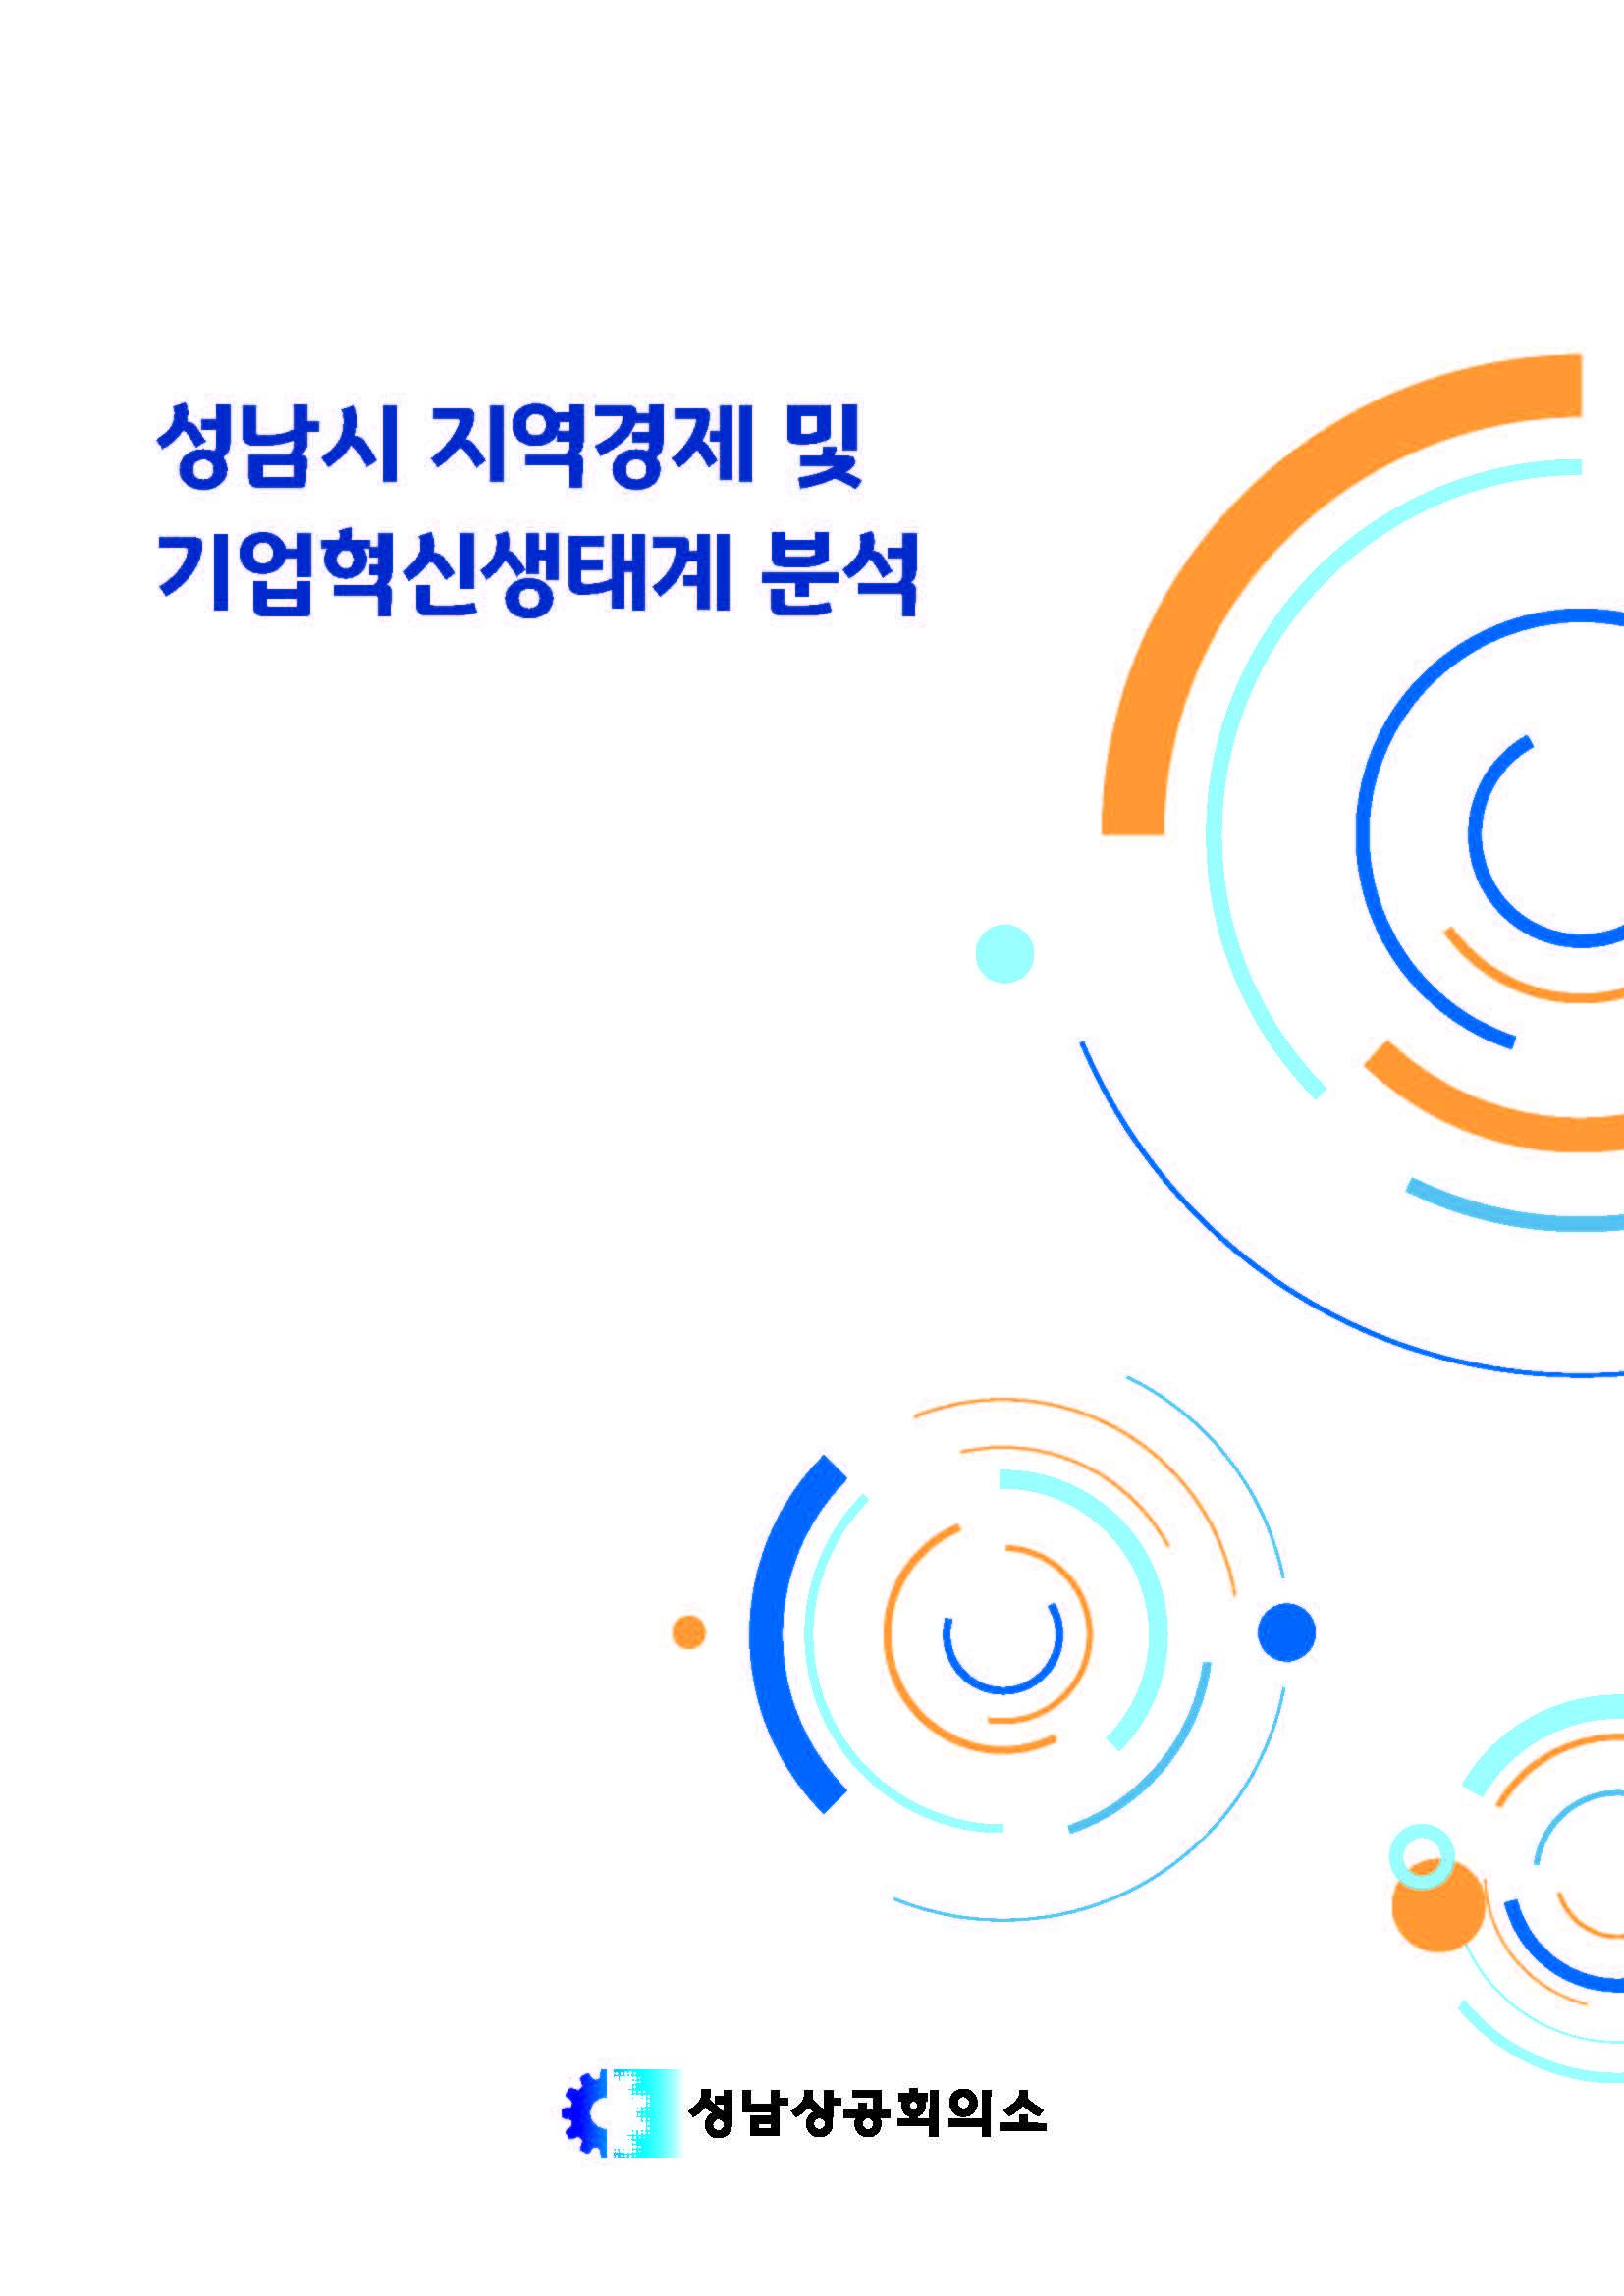 성남시 지역경제 및 기업혁신생태계 분석